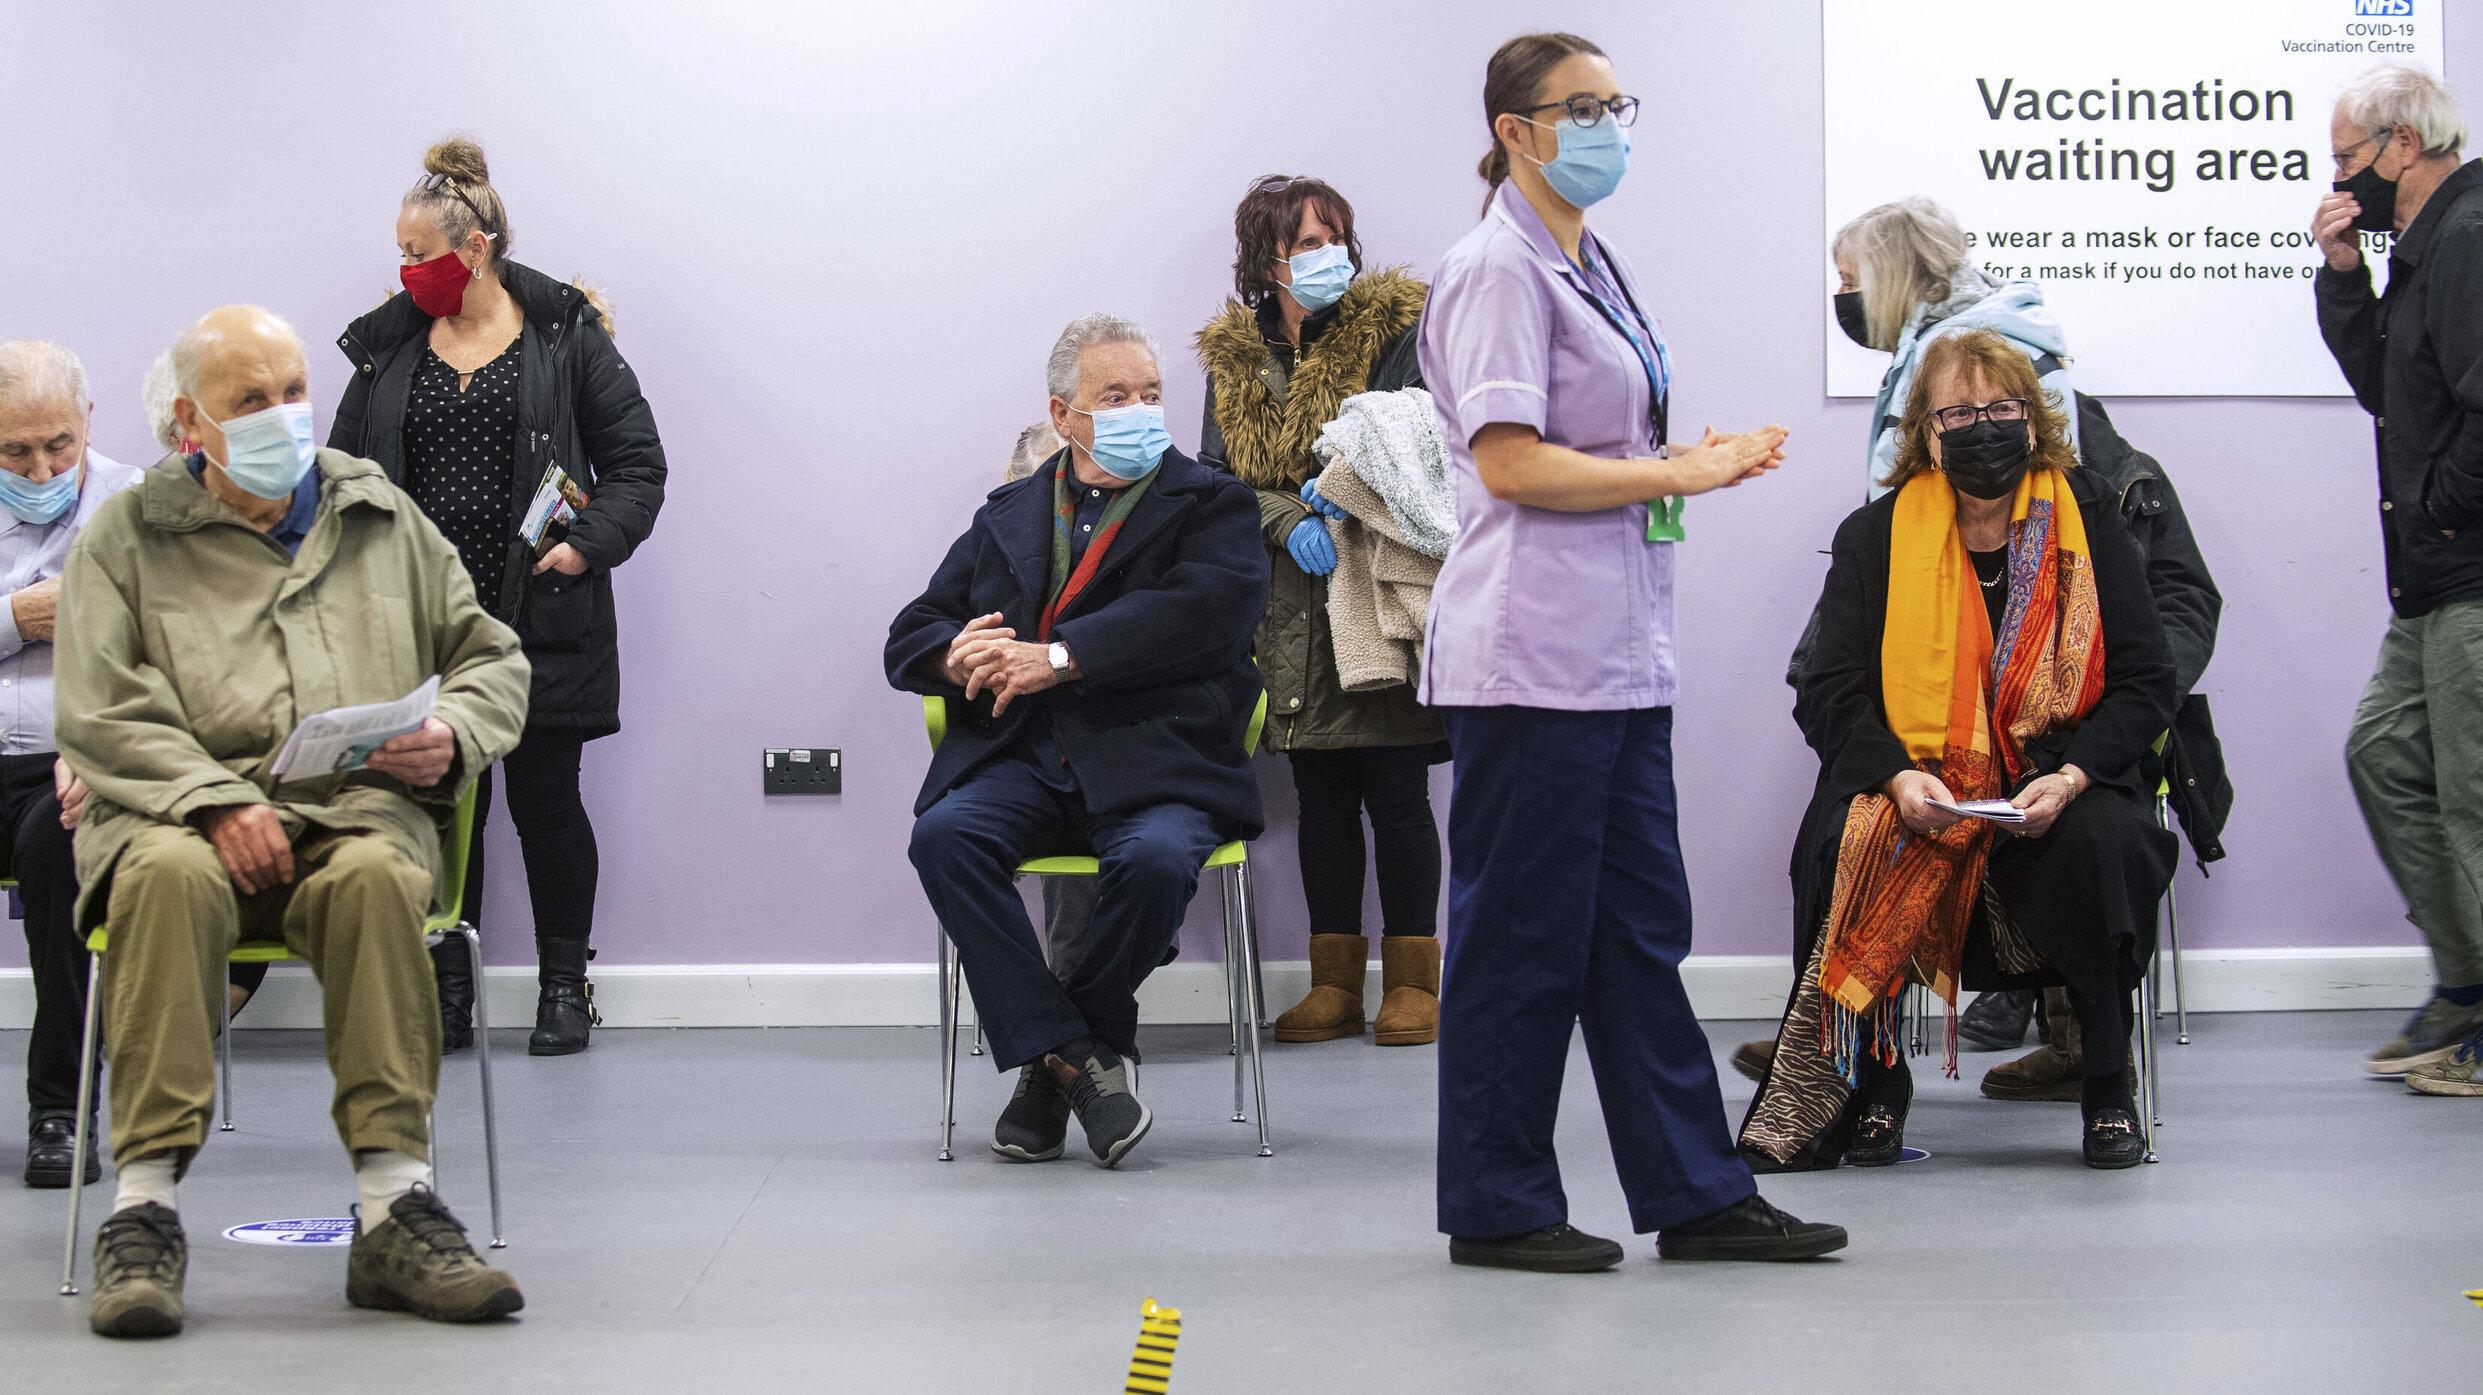 OMS solicită accelerarea procesului de vaccinare în Europa, pe fondul temerilor legate de noile variante